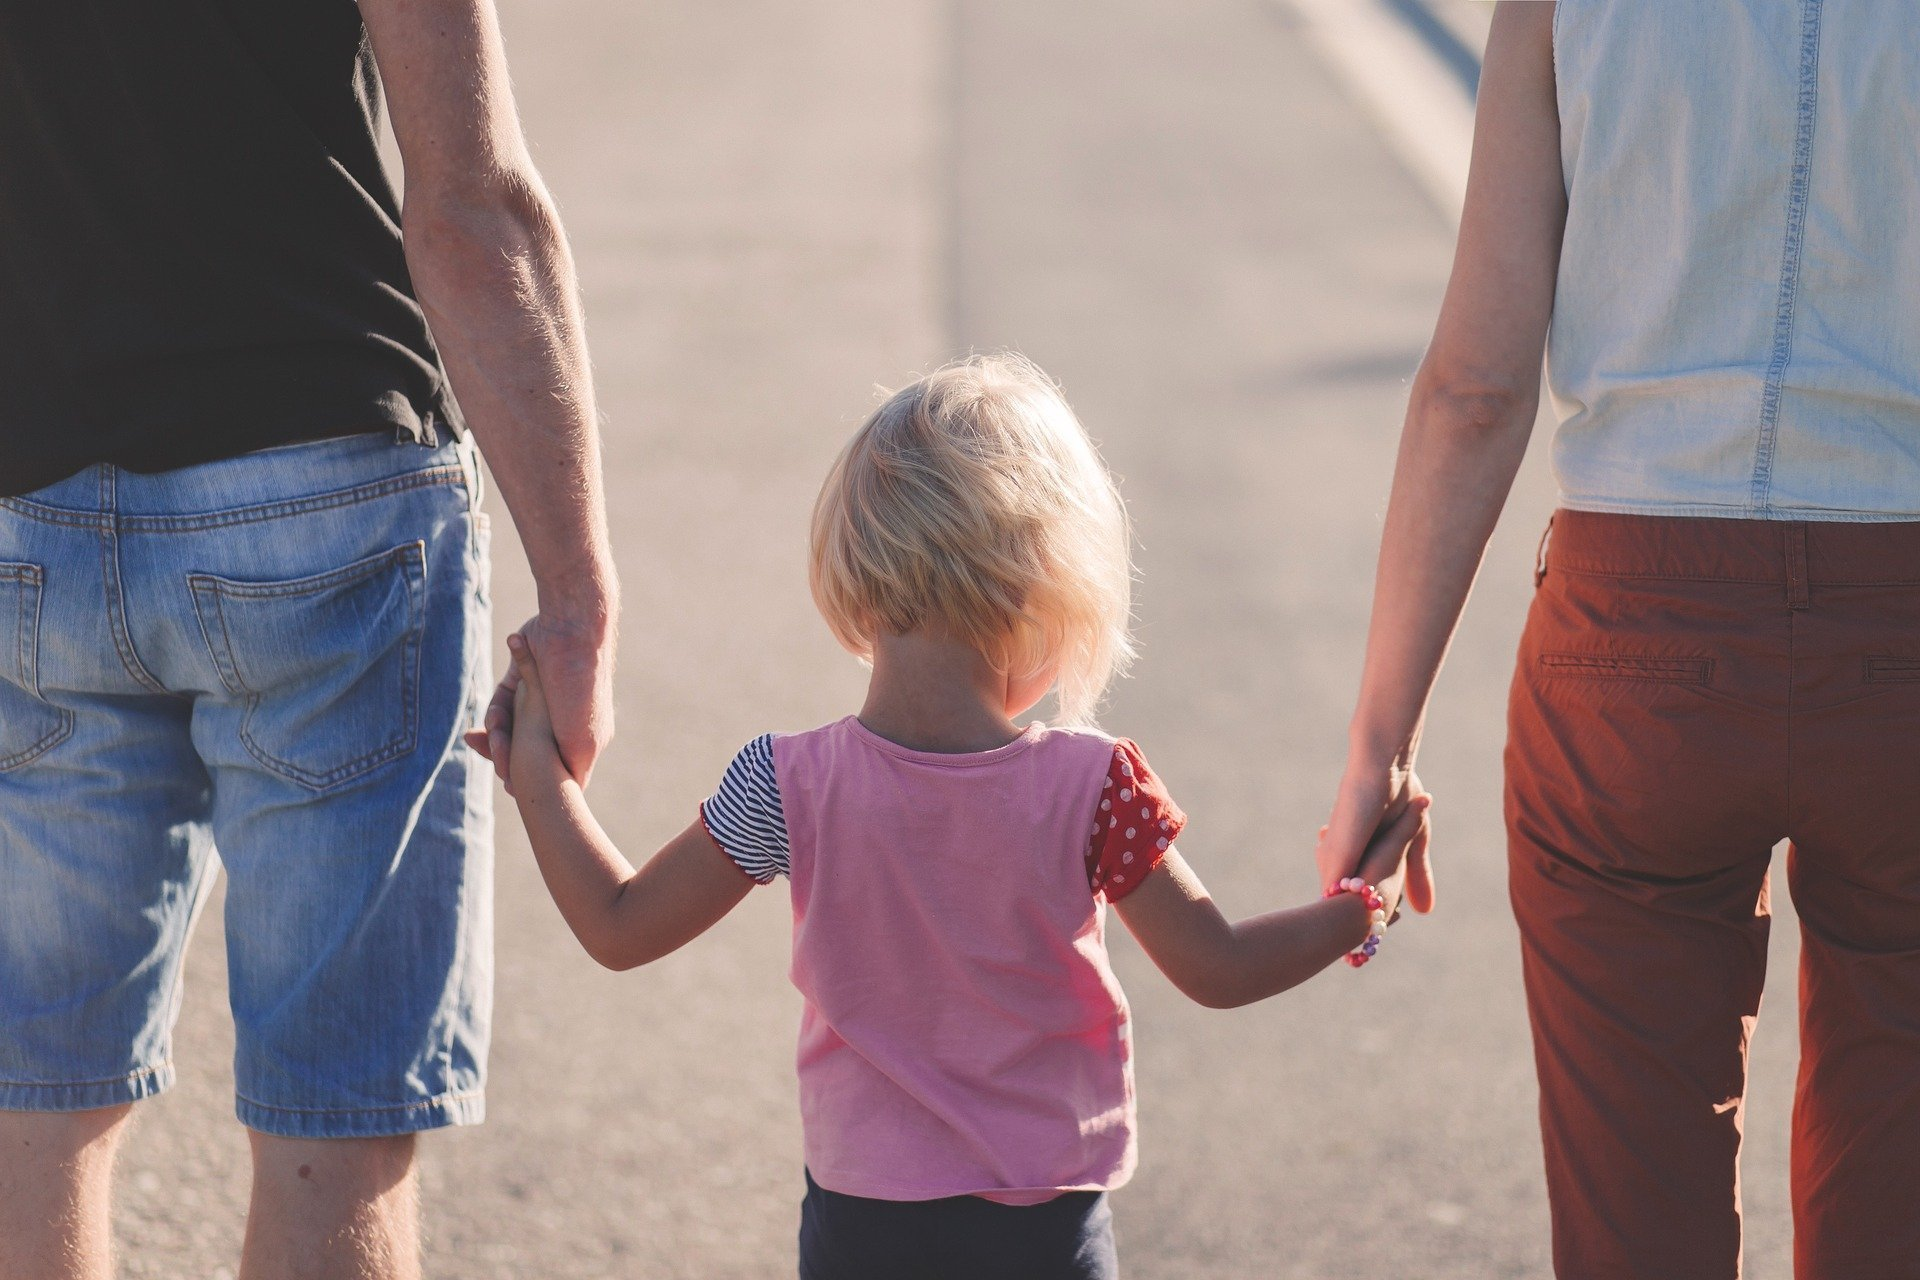 Stát půjčí mladým rodinám na bydlení až dva miliony korun